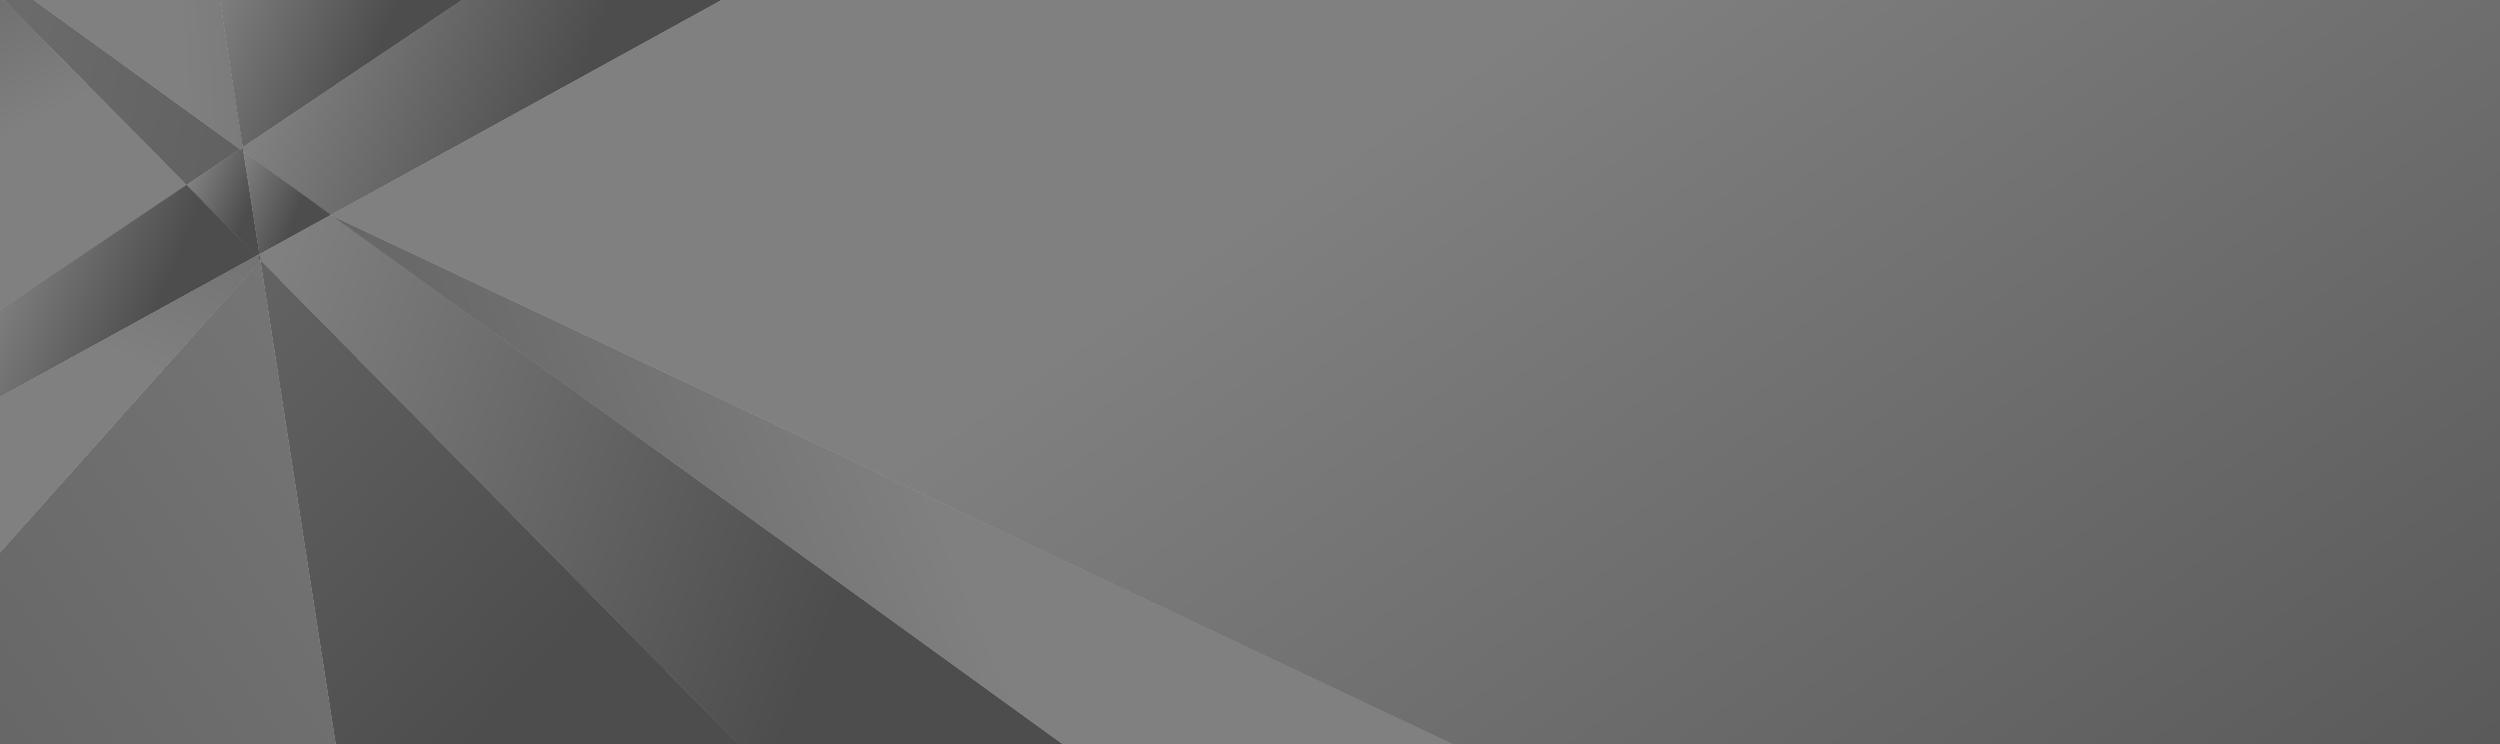 partner_portal_2500x744_2018_gray.png